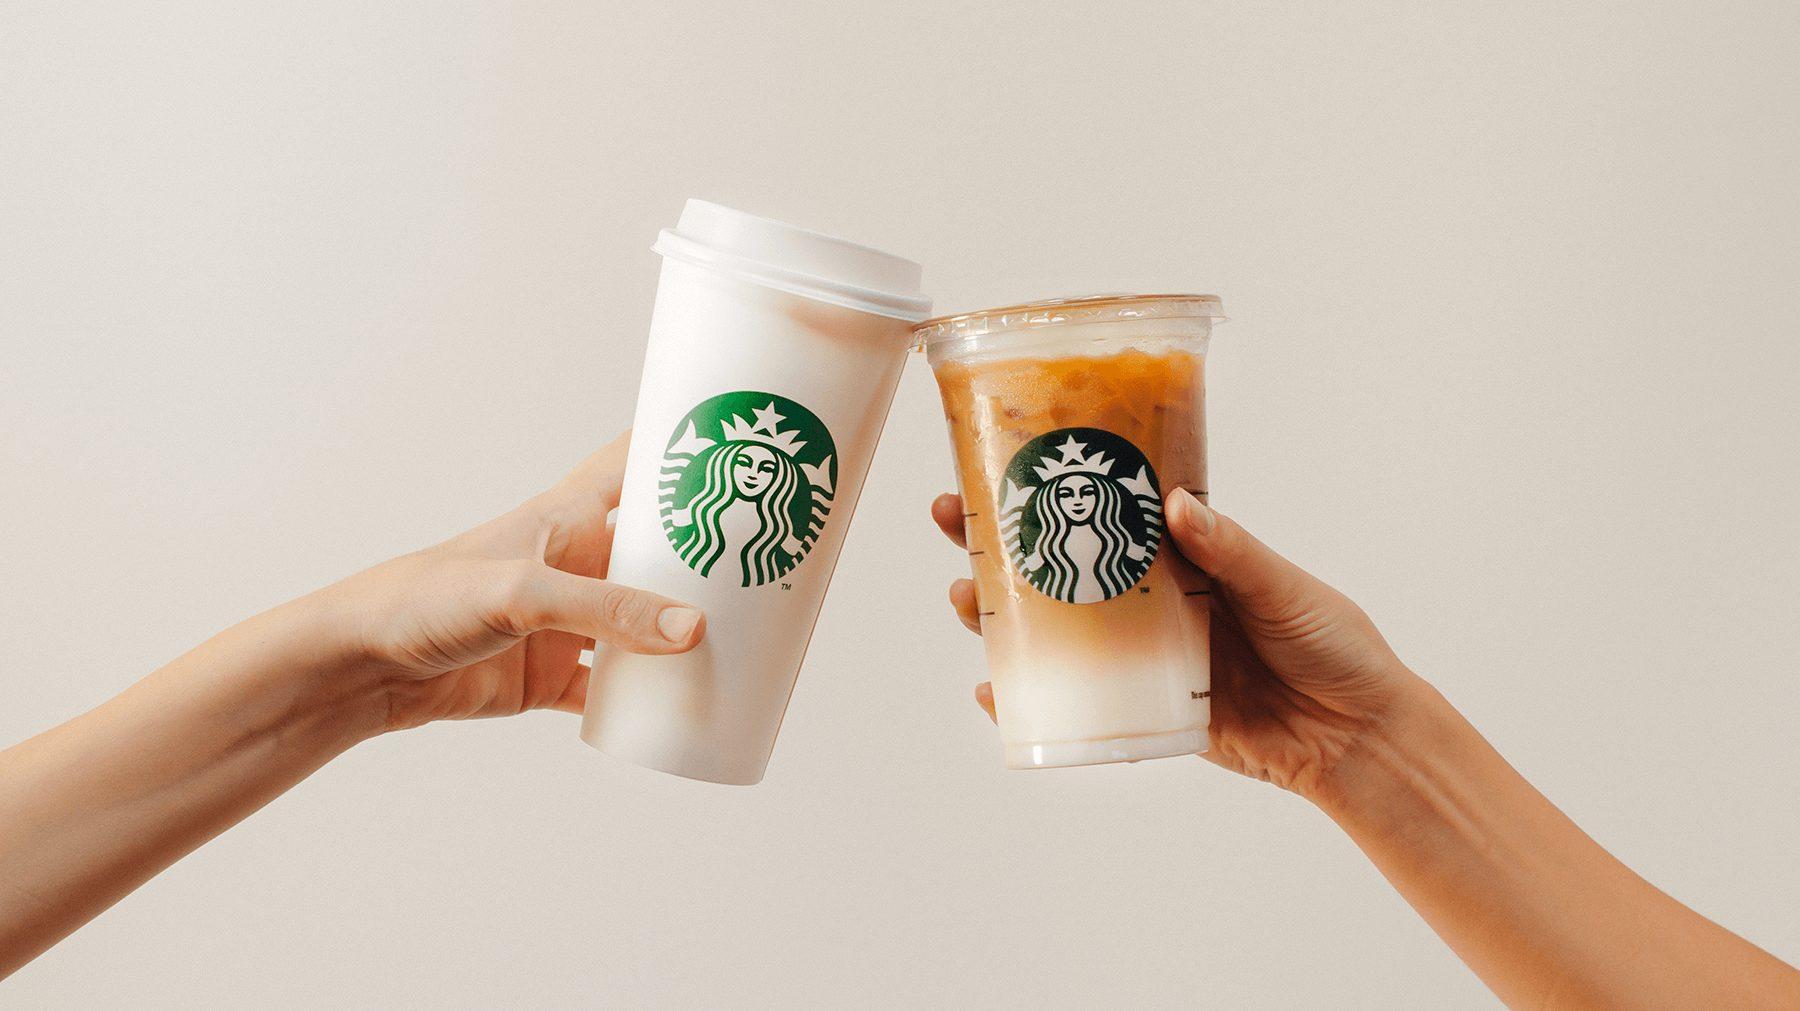 Deliveroo annuncia l'esclusiva collaborazione con Starbucks thumbnail